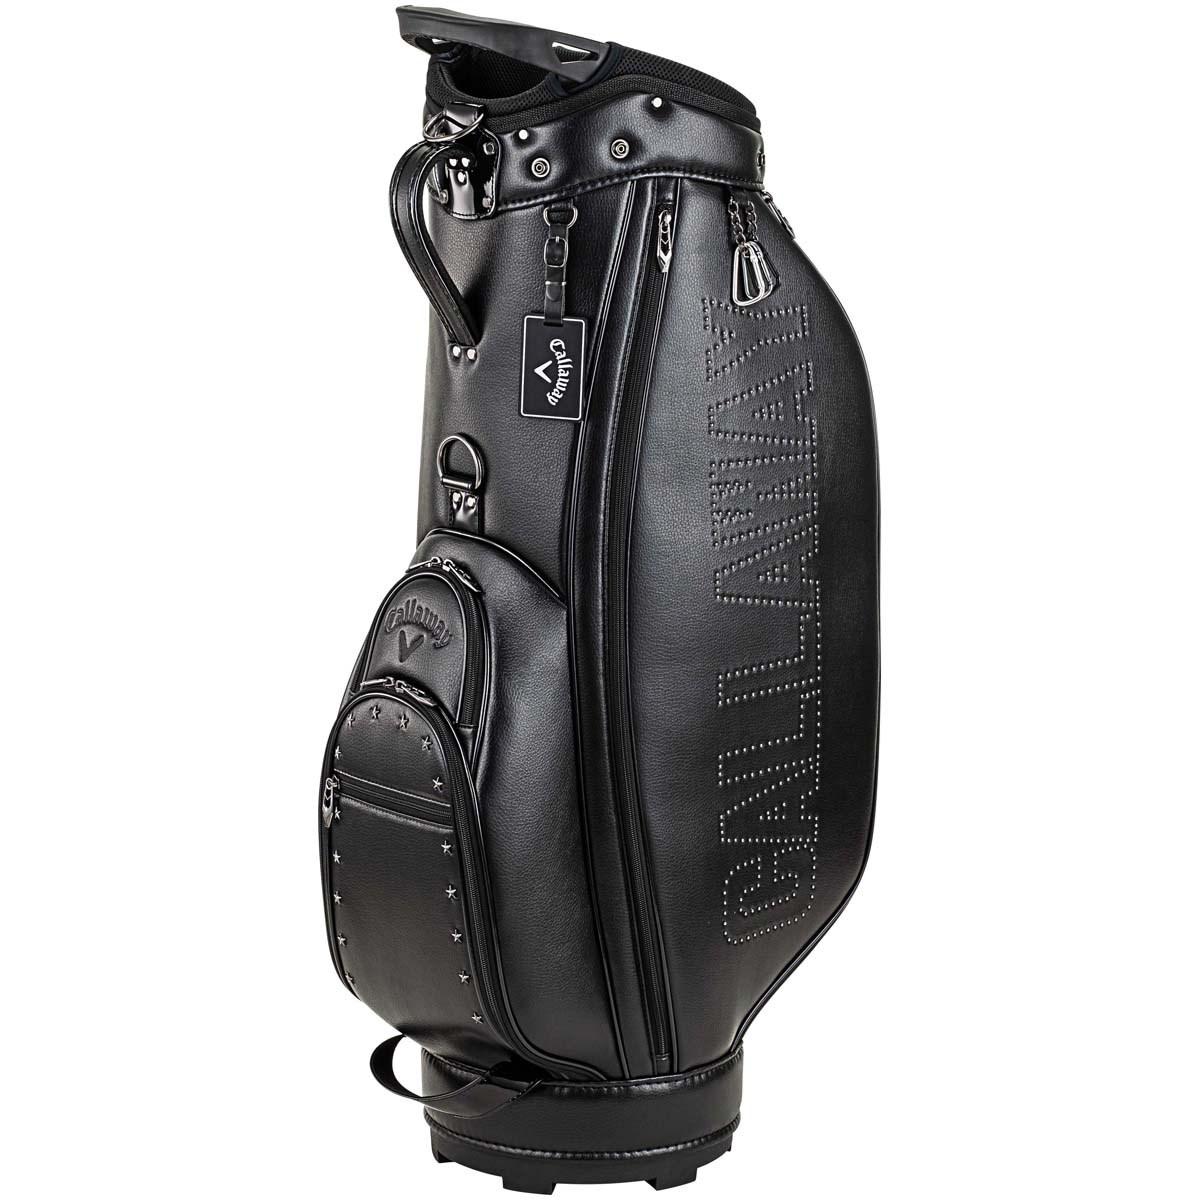 キャロウェイゴルフ Callaway Golf SPL-II キャディバッグ ブラック